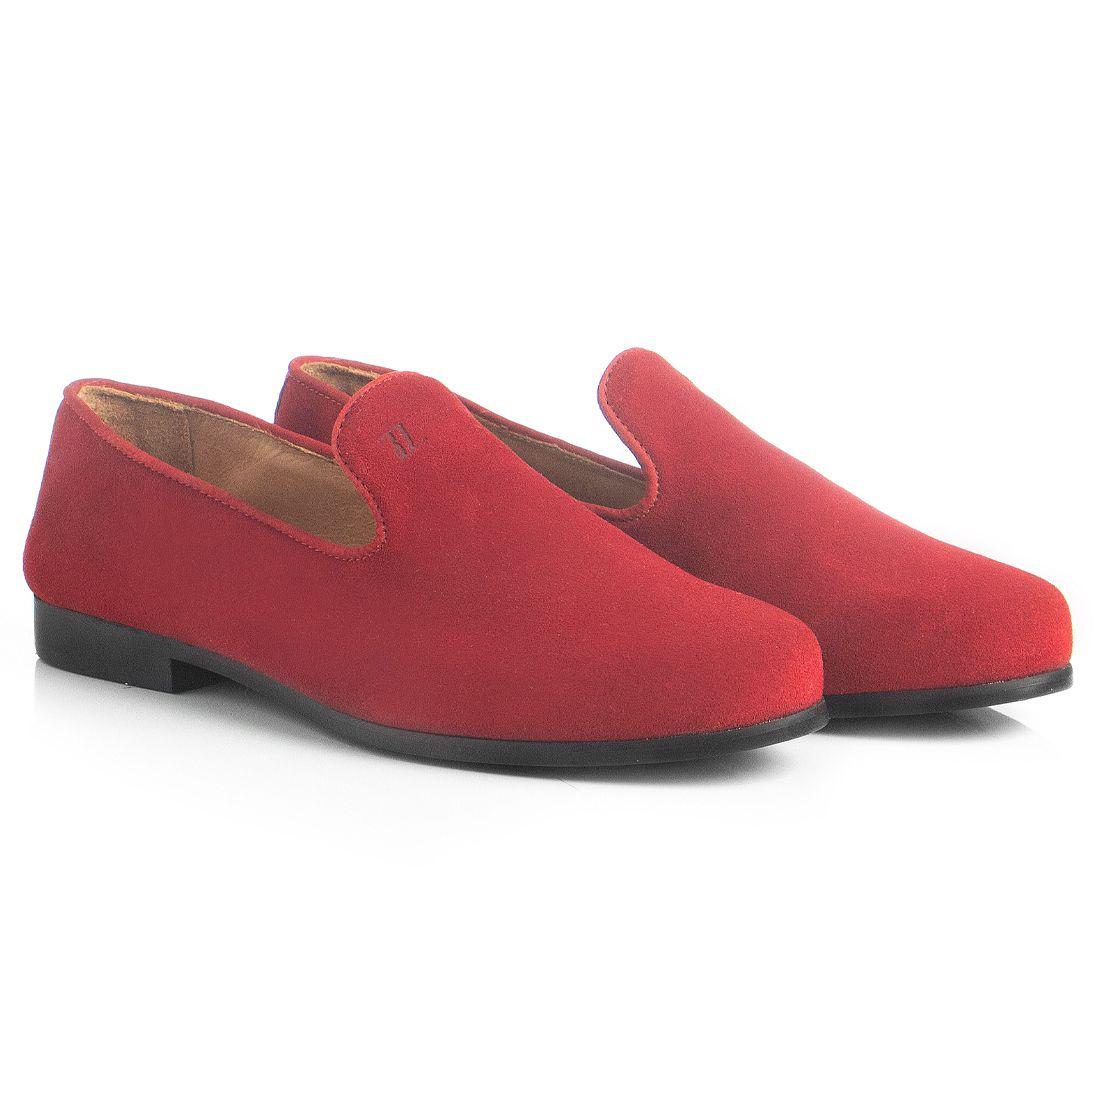 Loafer Masculino em Couro Camurça Vermelho Rocco Lorenzzo - 4511